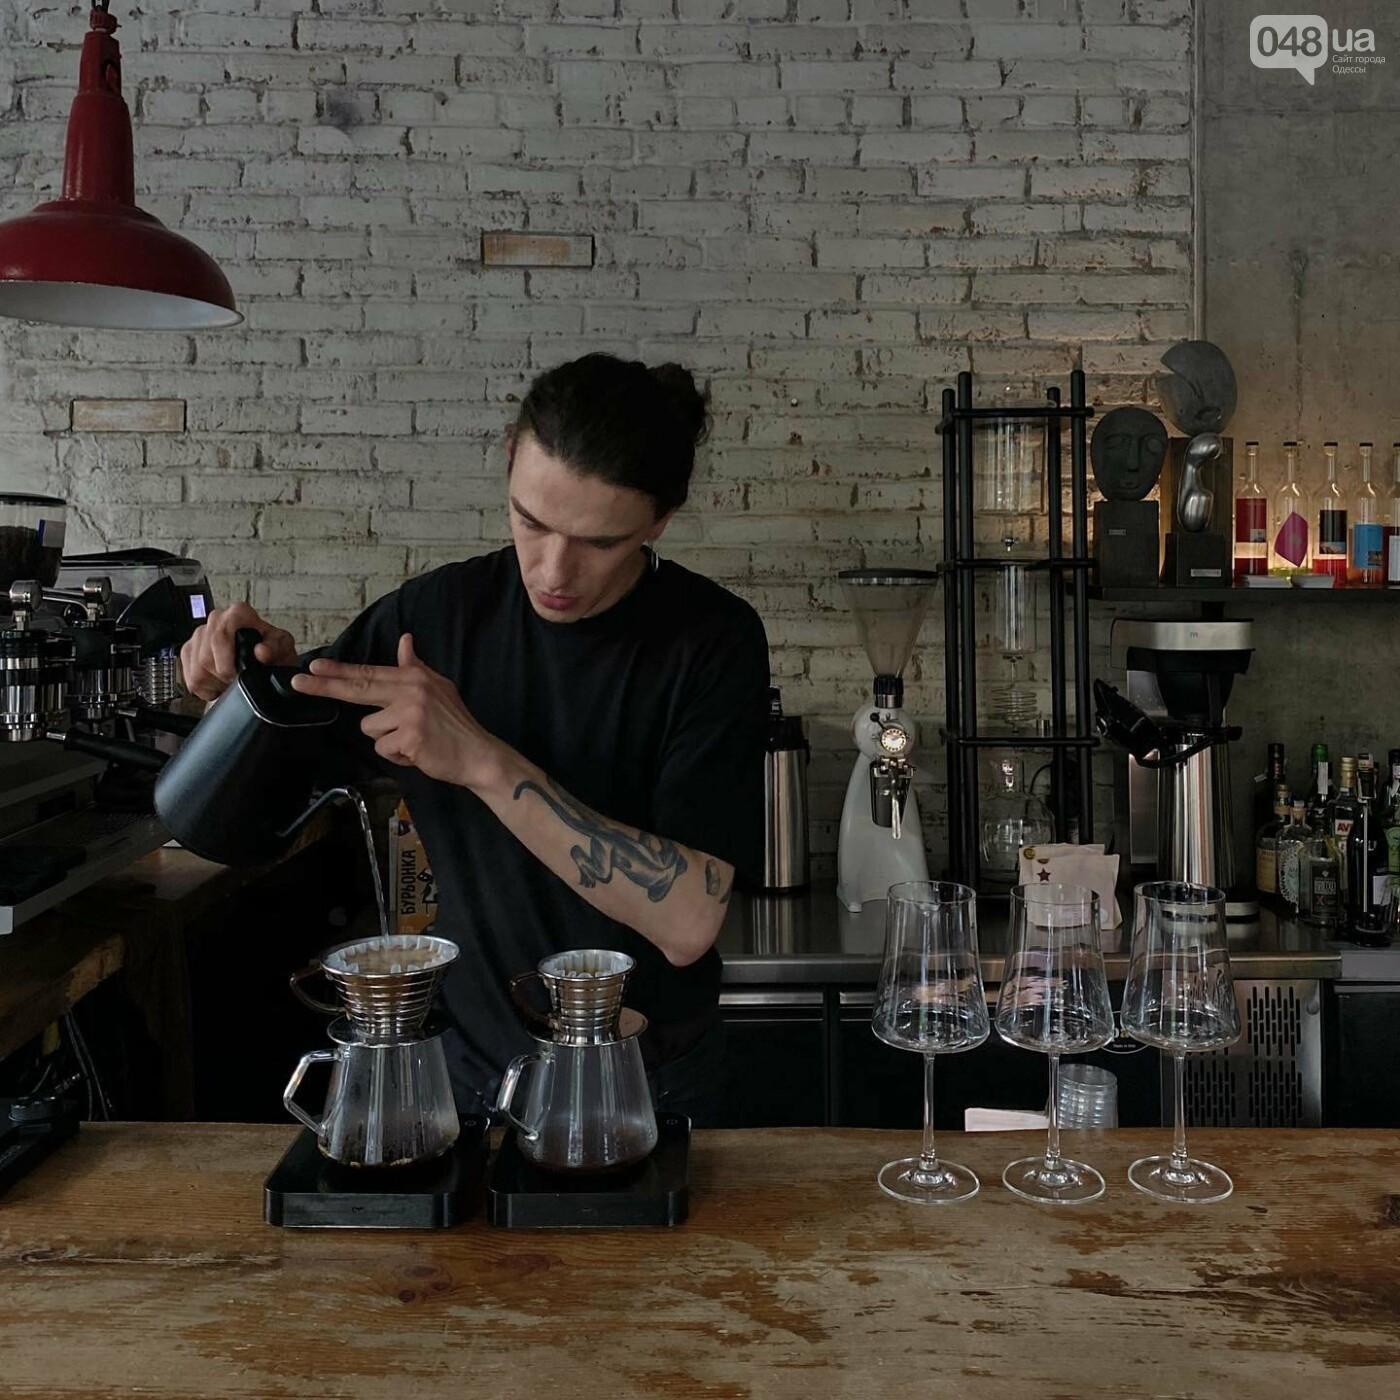 Названы 4 заведения Одессы, которые получили национальную ресторанную премию, - ФОТО, фото-4